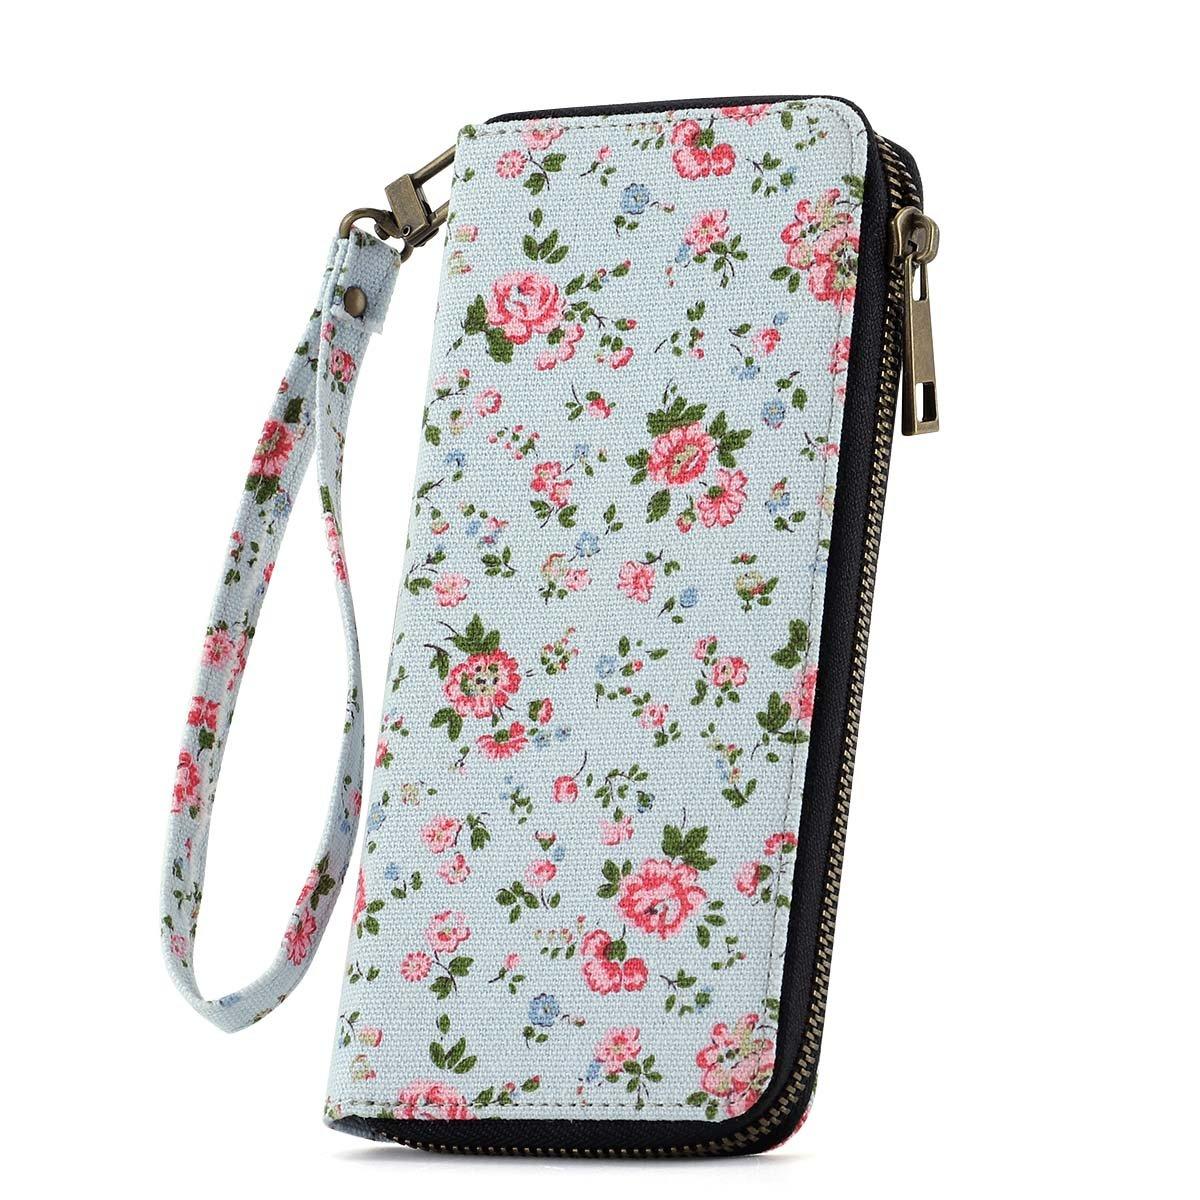 blueefloral Women's Clutch Wallet Ladies Zip Around Bifold Long Purse Travel Phone Card Holder Organizer Wrist Strap